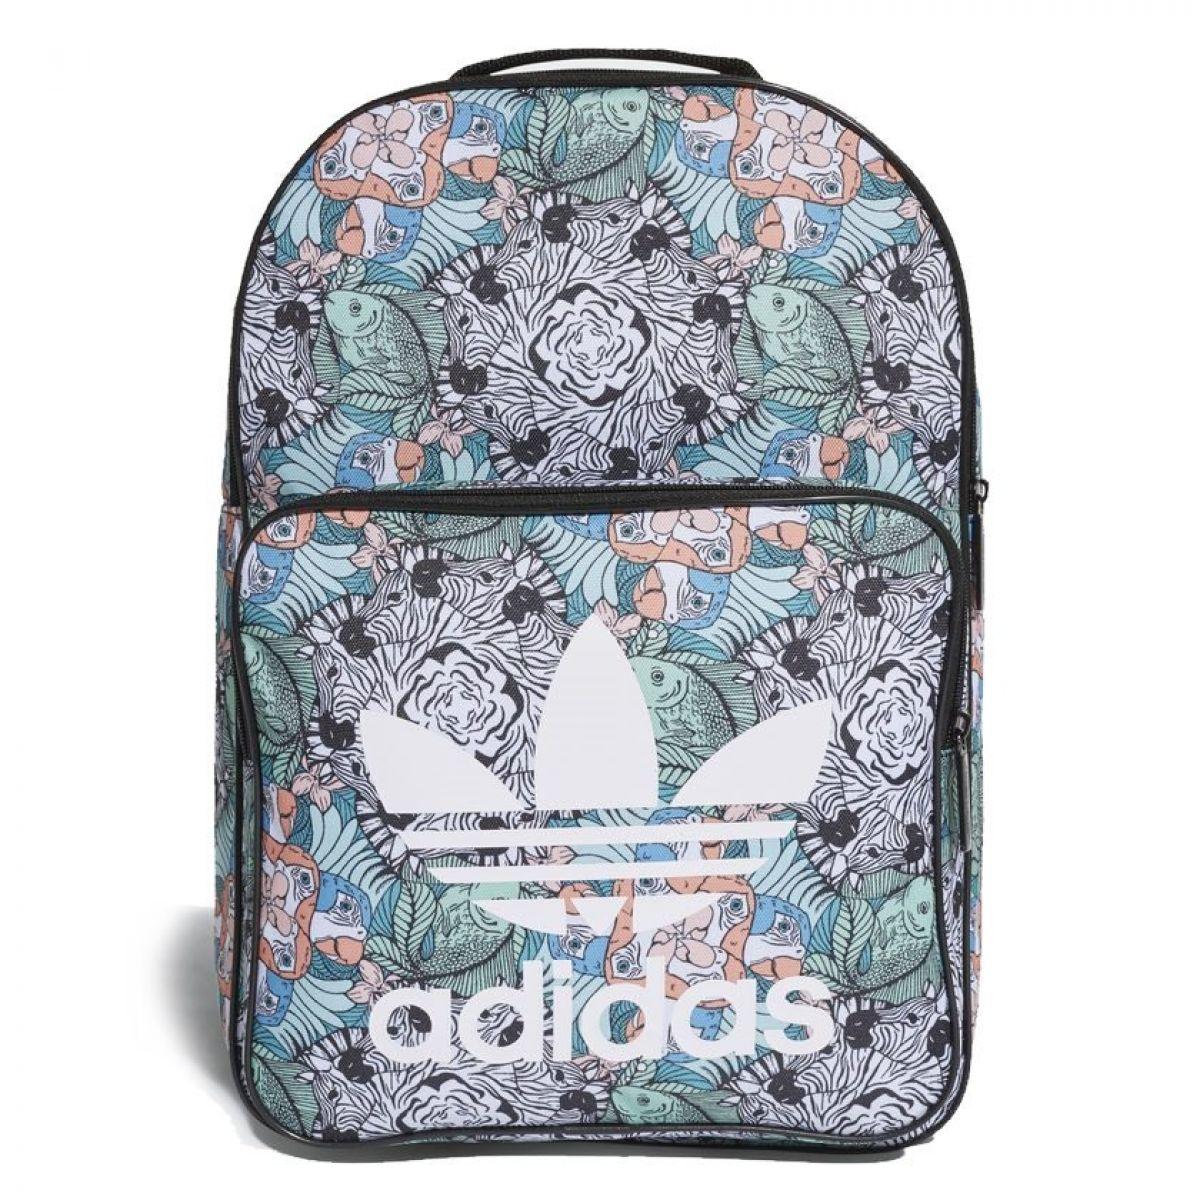 miło tanio butik wyprzedażowy najlepsze podejście Plecak ADIDAS Originals Animal Youth DH2963 1size ...